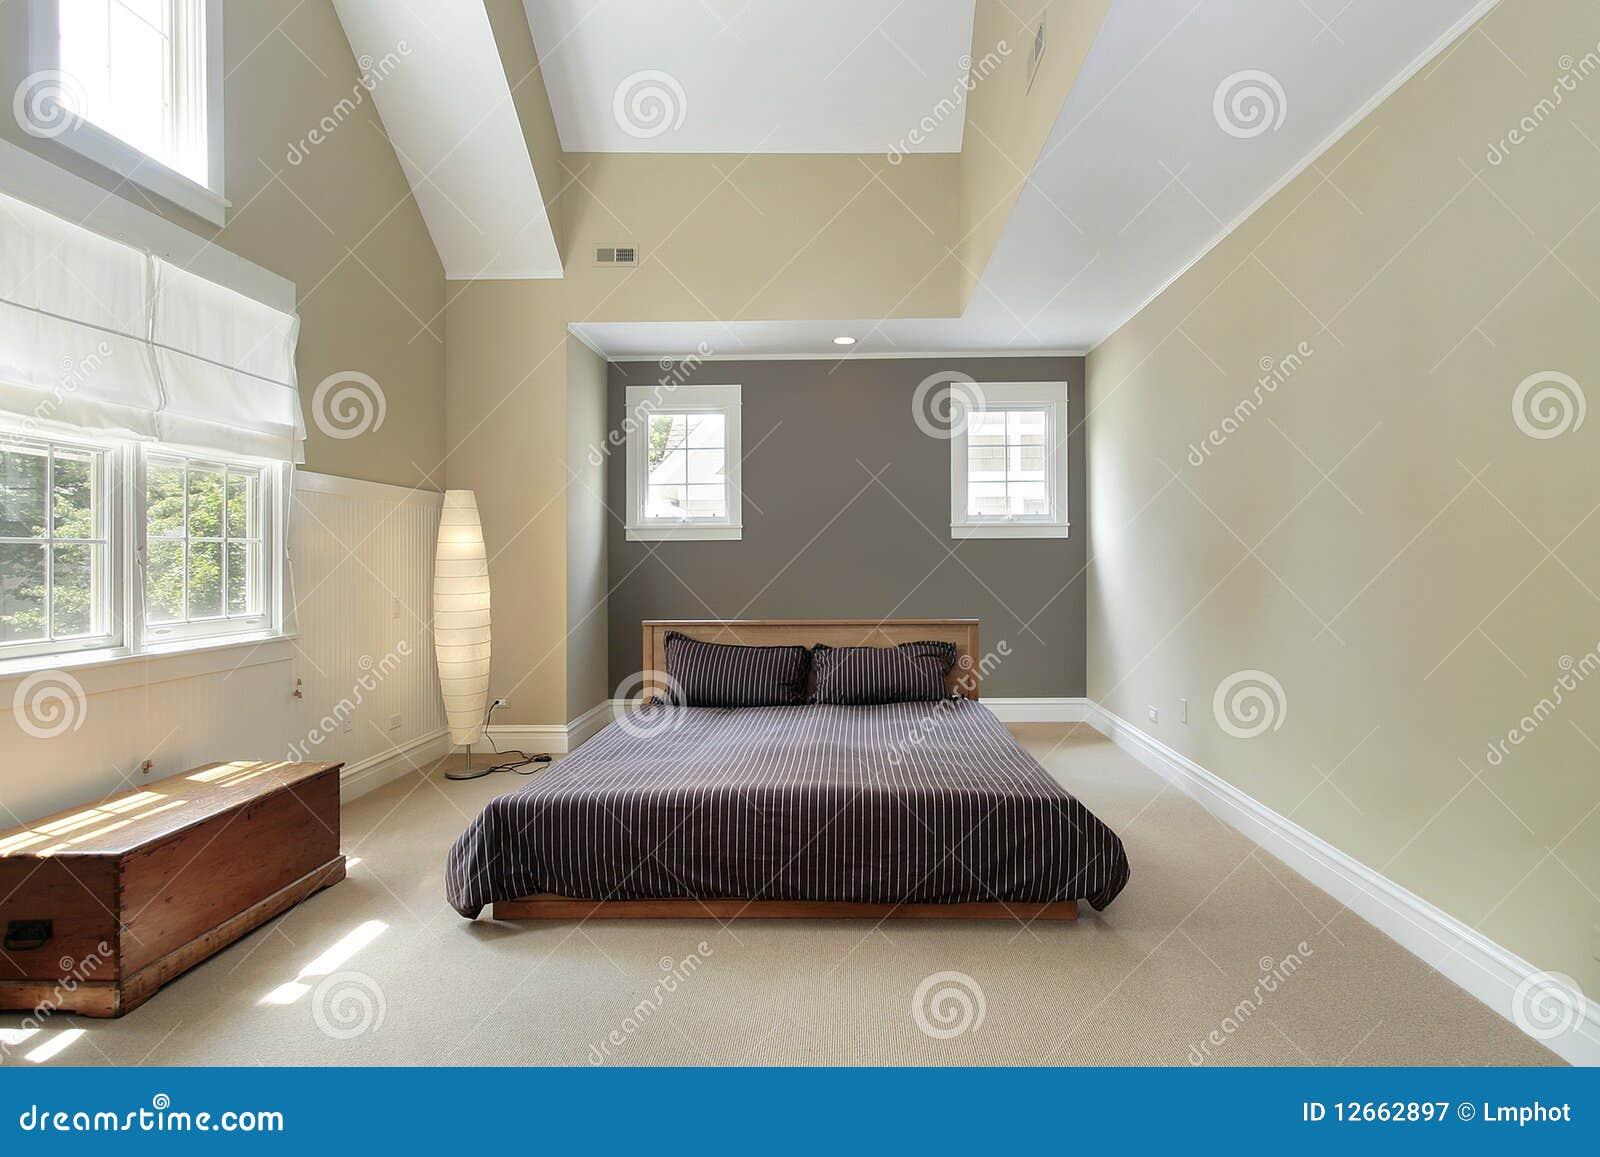 camera da letto matrice con il soffitto di trey fotografia stock ... - Controsoffitti Camera Da Letto